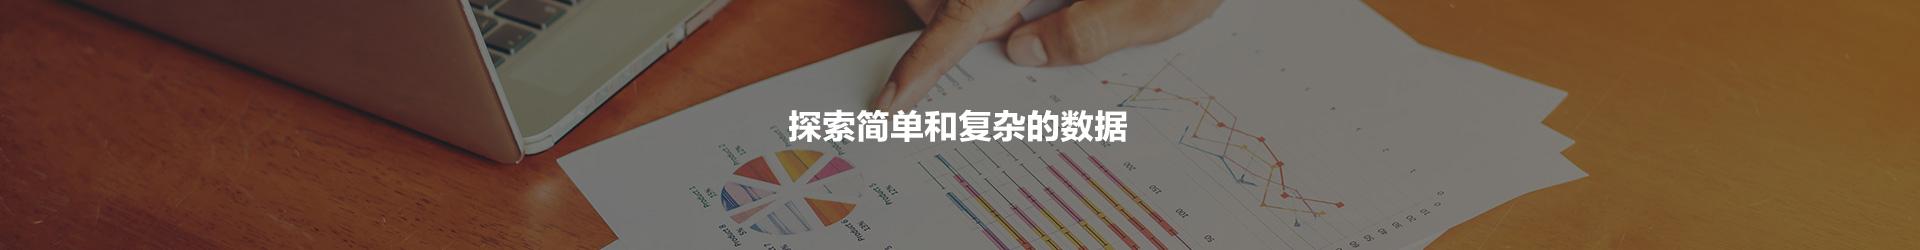 移动数据分析_解决方案_山东普邦信息技术有限公司官方网站